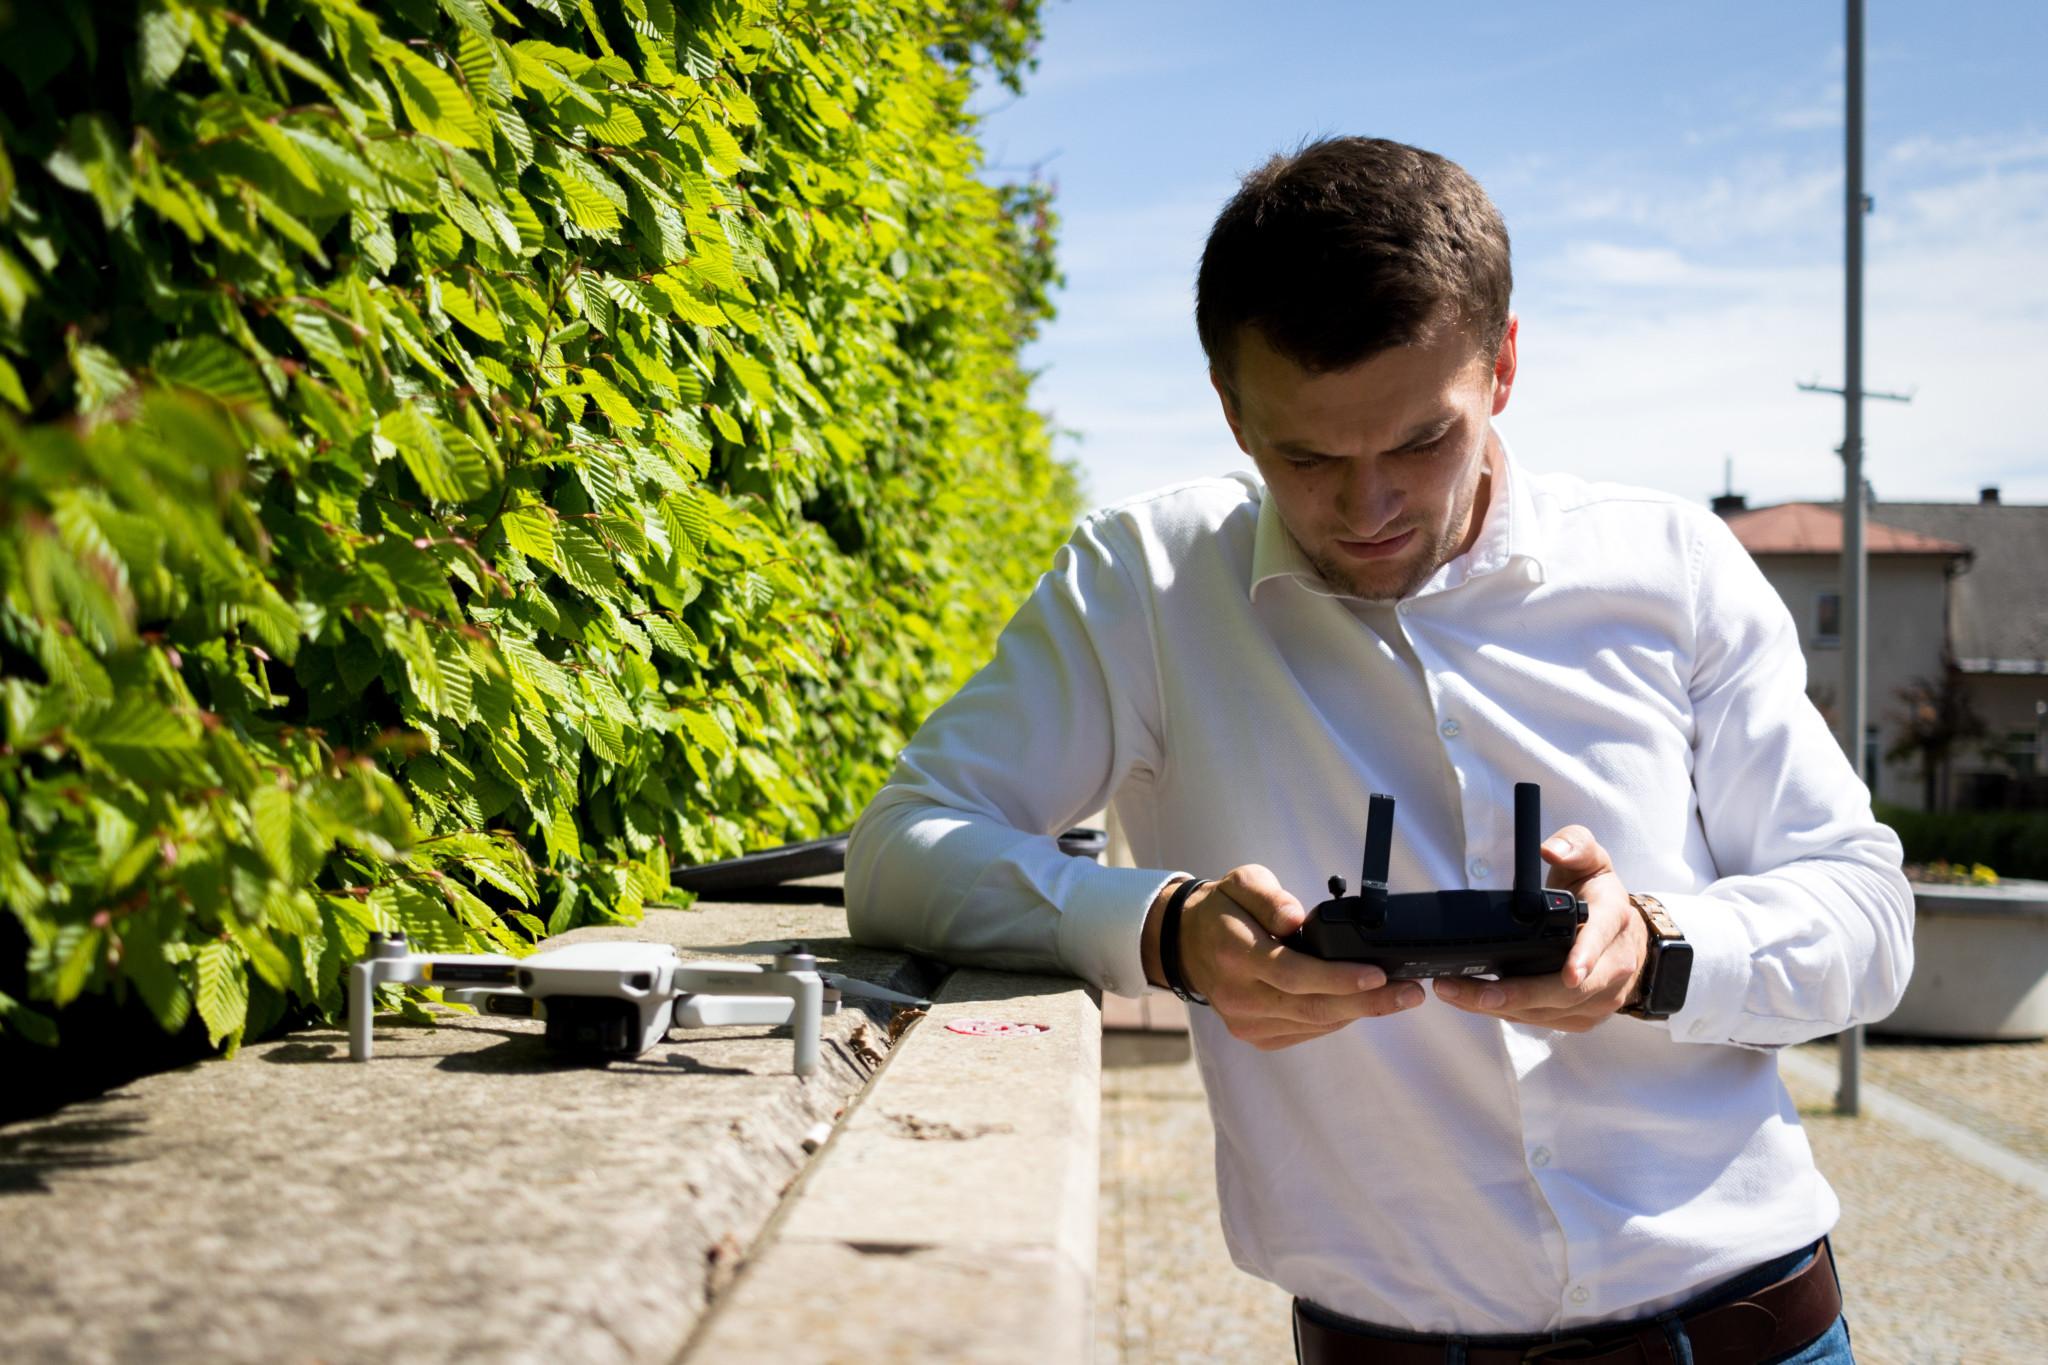 Videoprohlídka nemovitosti pomocí dronu